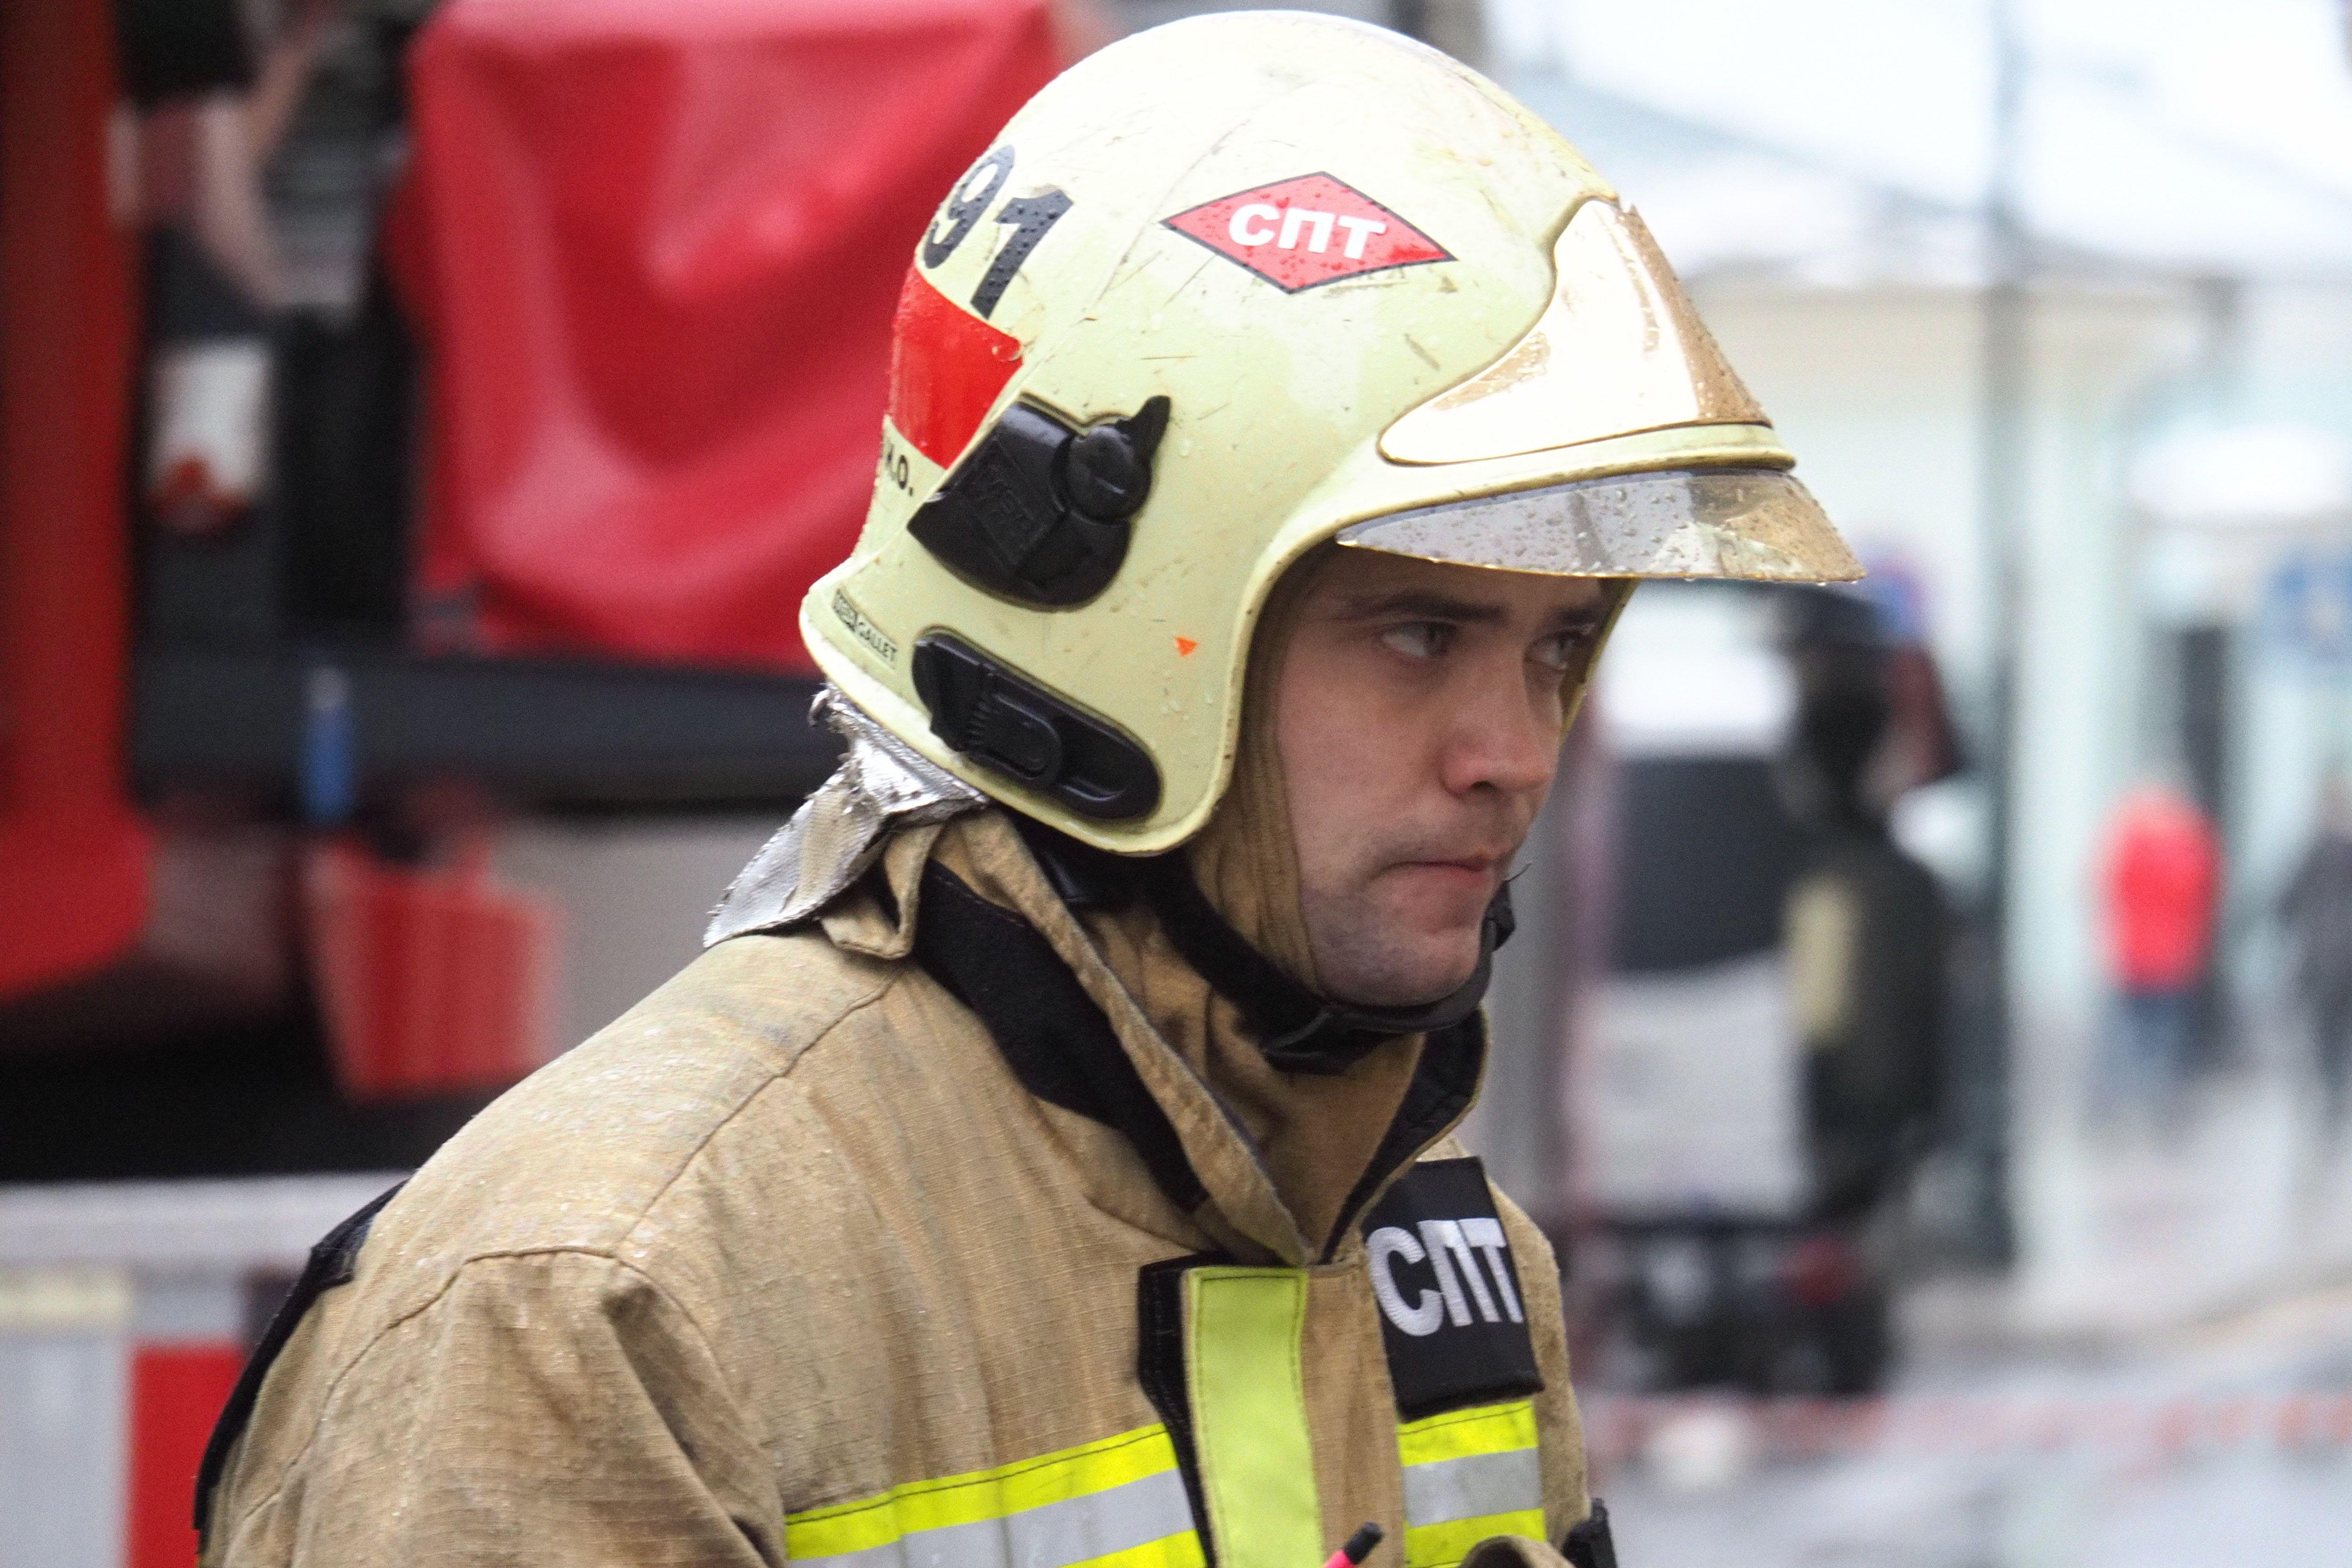 МЧС потушило 600-метровый пожар на юго-востоке Москвы